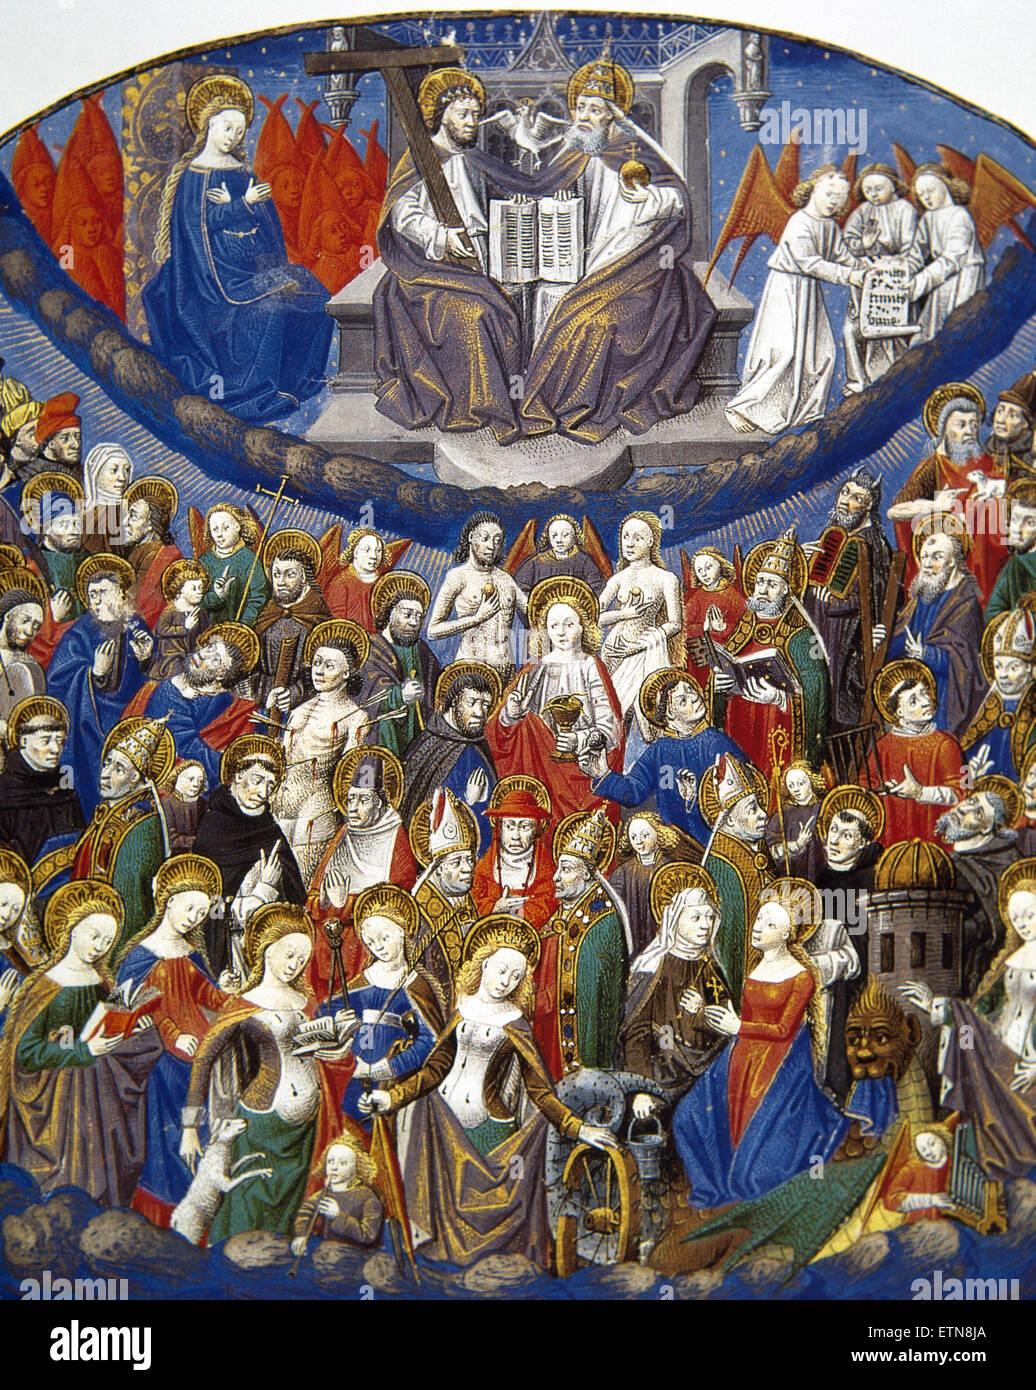 Cour céleste. La Sainte Trinité. Dieu comme trois personnes consubstantiel. Le Roman de la Rose miniature, Photo Stock